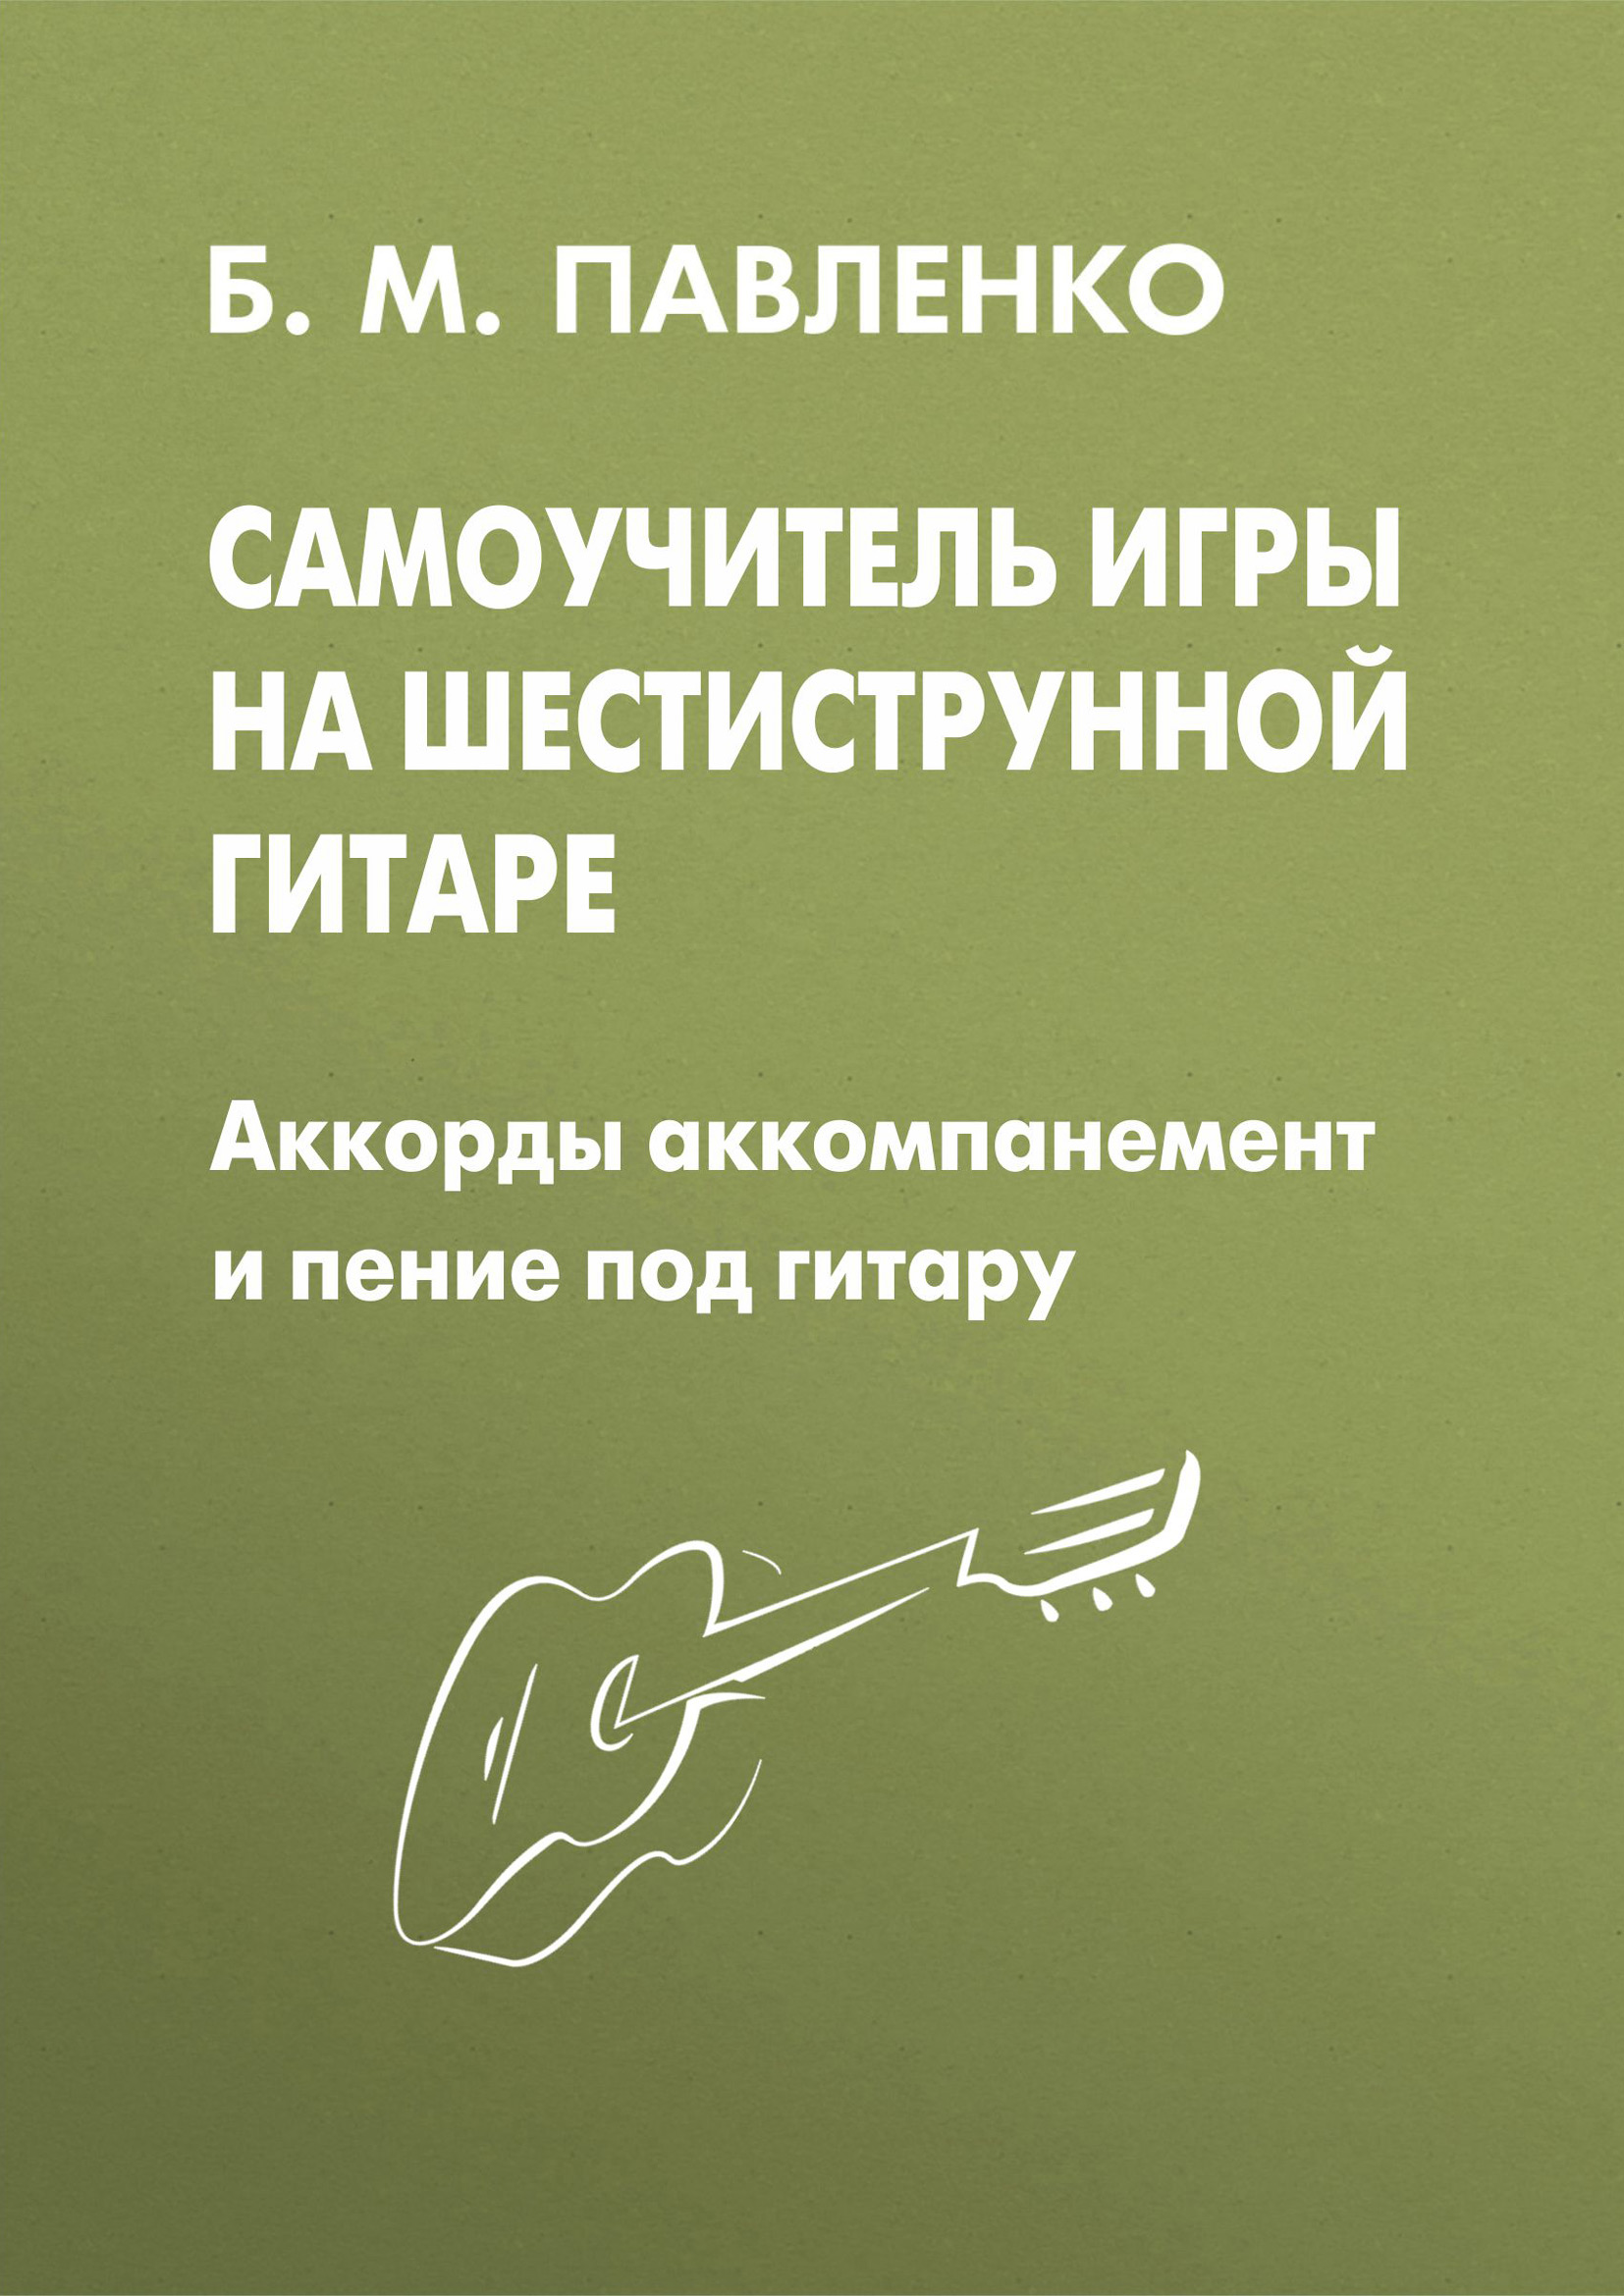 Б. М. Павленко Самоучитель игры на шестиструнной гитаре. Аккорды, аккомпанемент и пение под гитару играю без нот выпуск 3 популярные песни и романсы под гитару приложение к самоучителю без нот